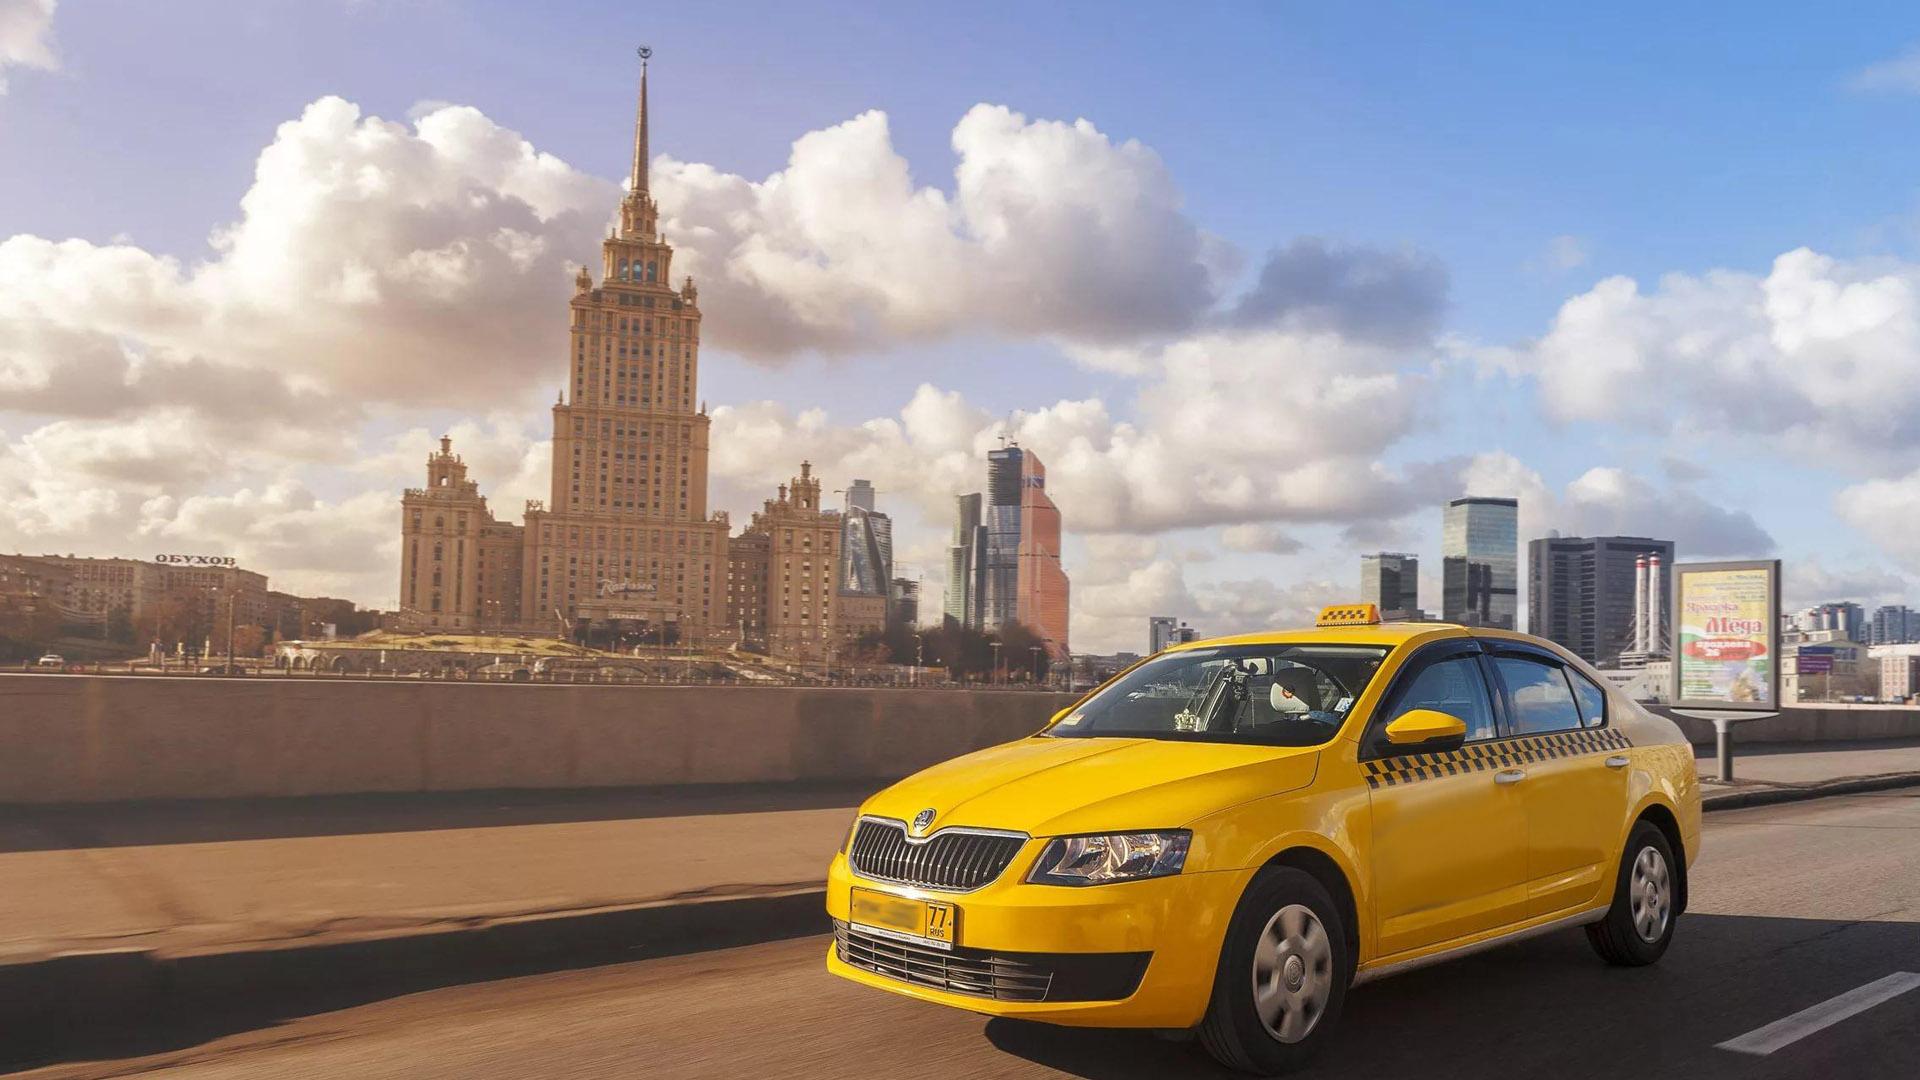 Мониторинг передвижения такси в Астрахани